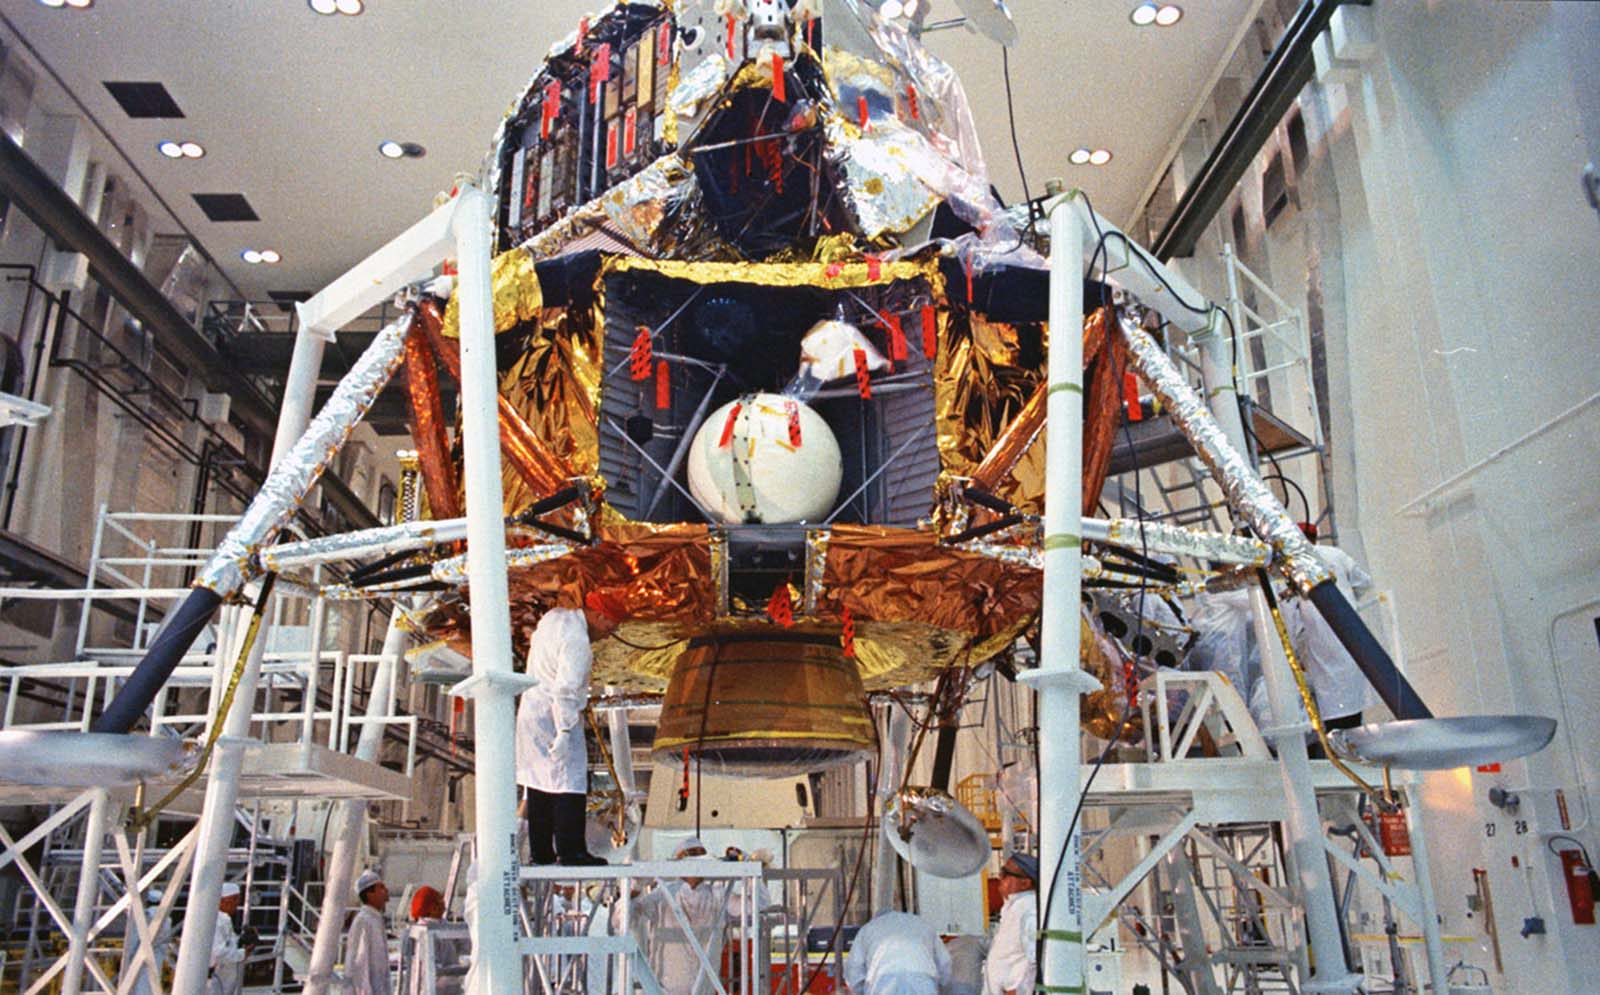 O último check-out do módulo lunar Apollo 11 acontece em 11 de abril de 1969, na Área da Baía Aberta do Edifício de Operações Espaciais Tripuladas do Kennedy Space Center.